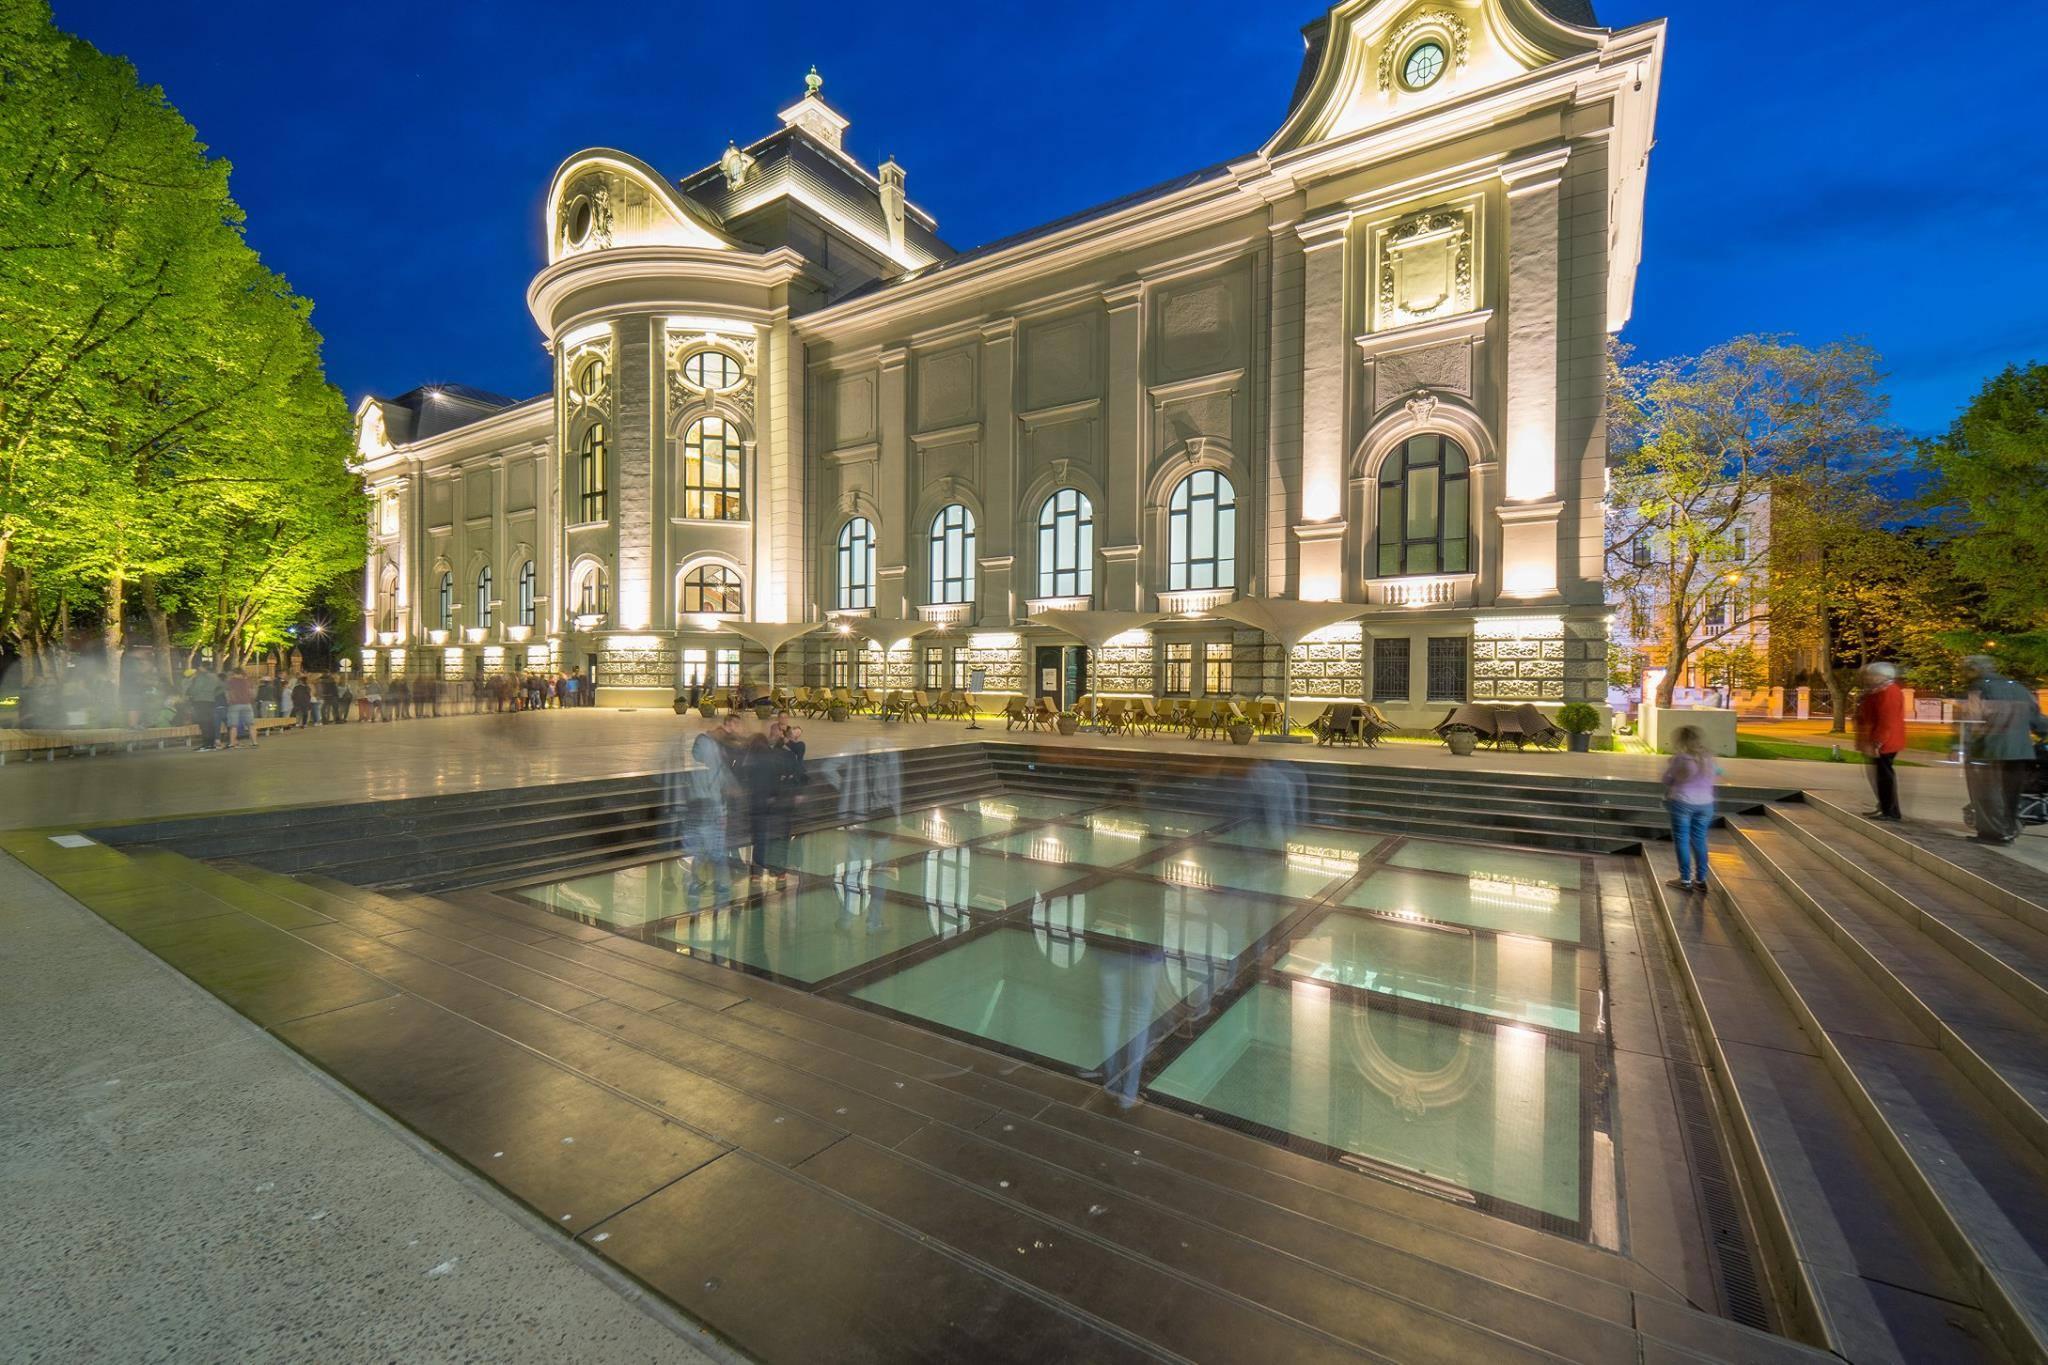 Latvijas Nacionālais mākslas muzejam nākas skaidrot atalgojuma politiku kultūras nozarē